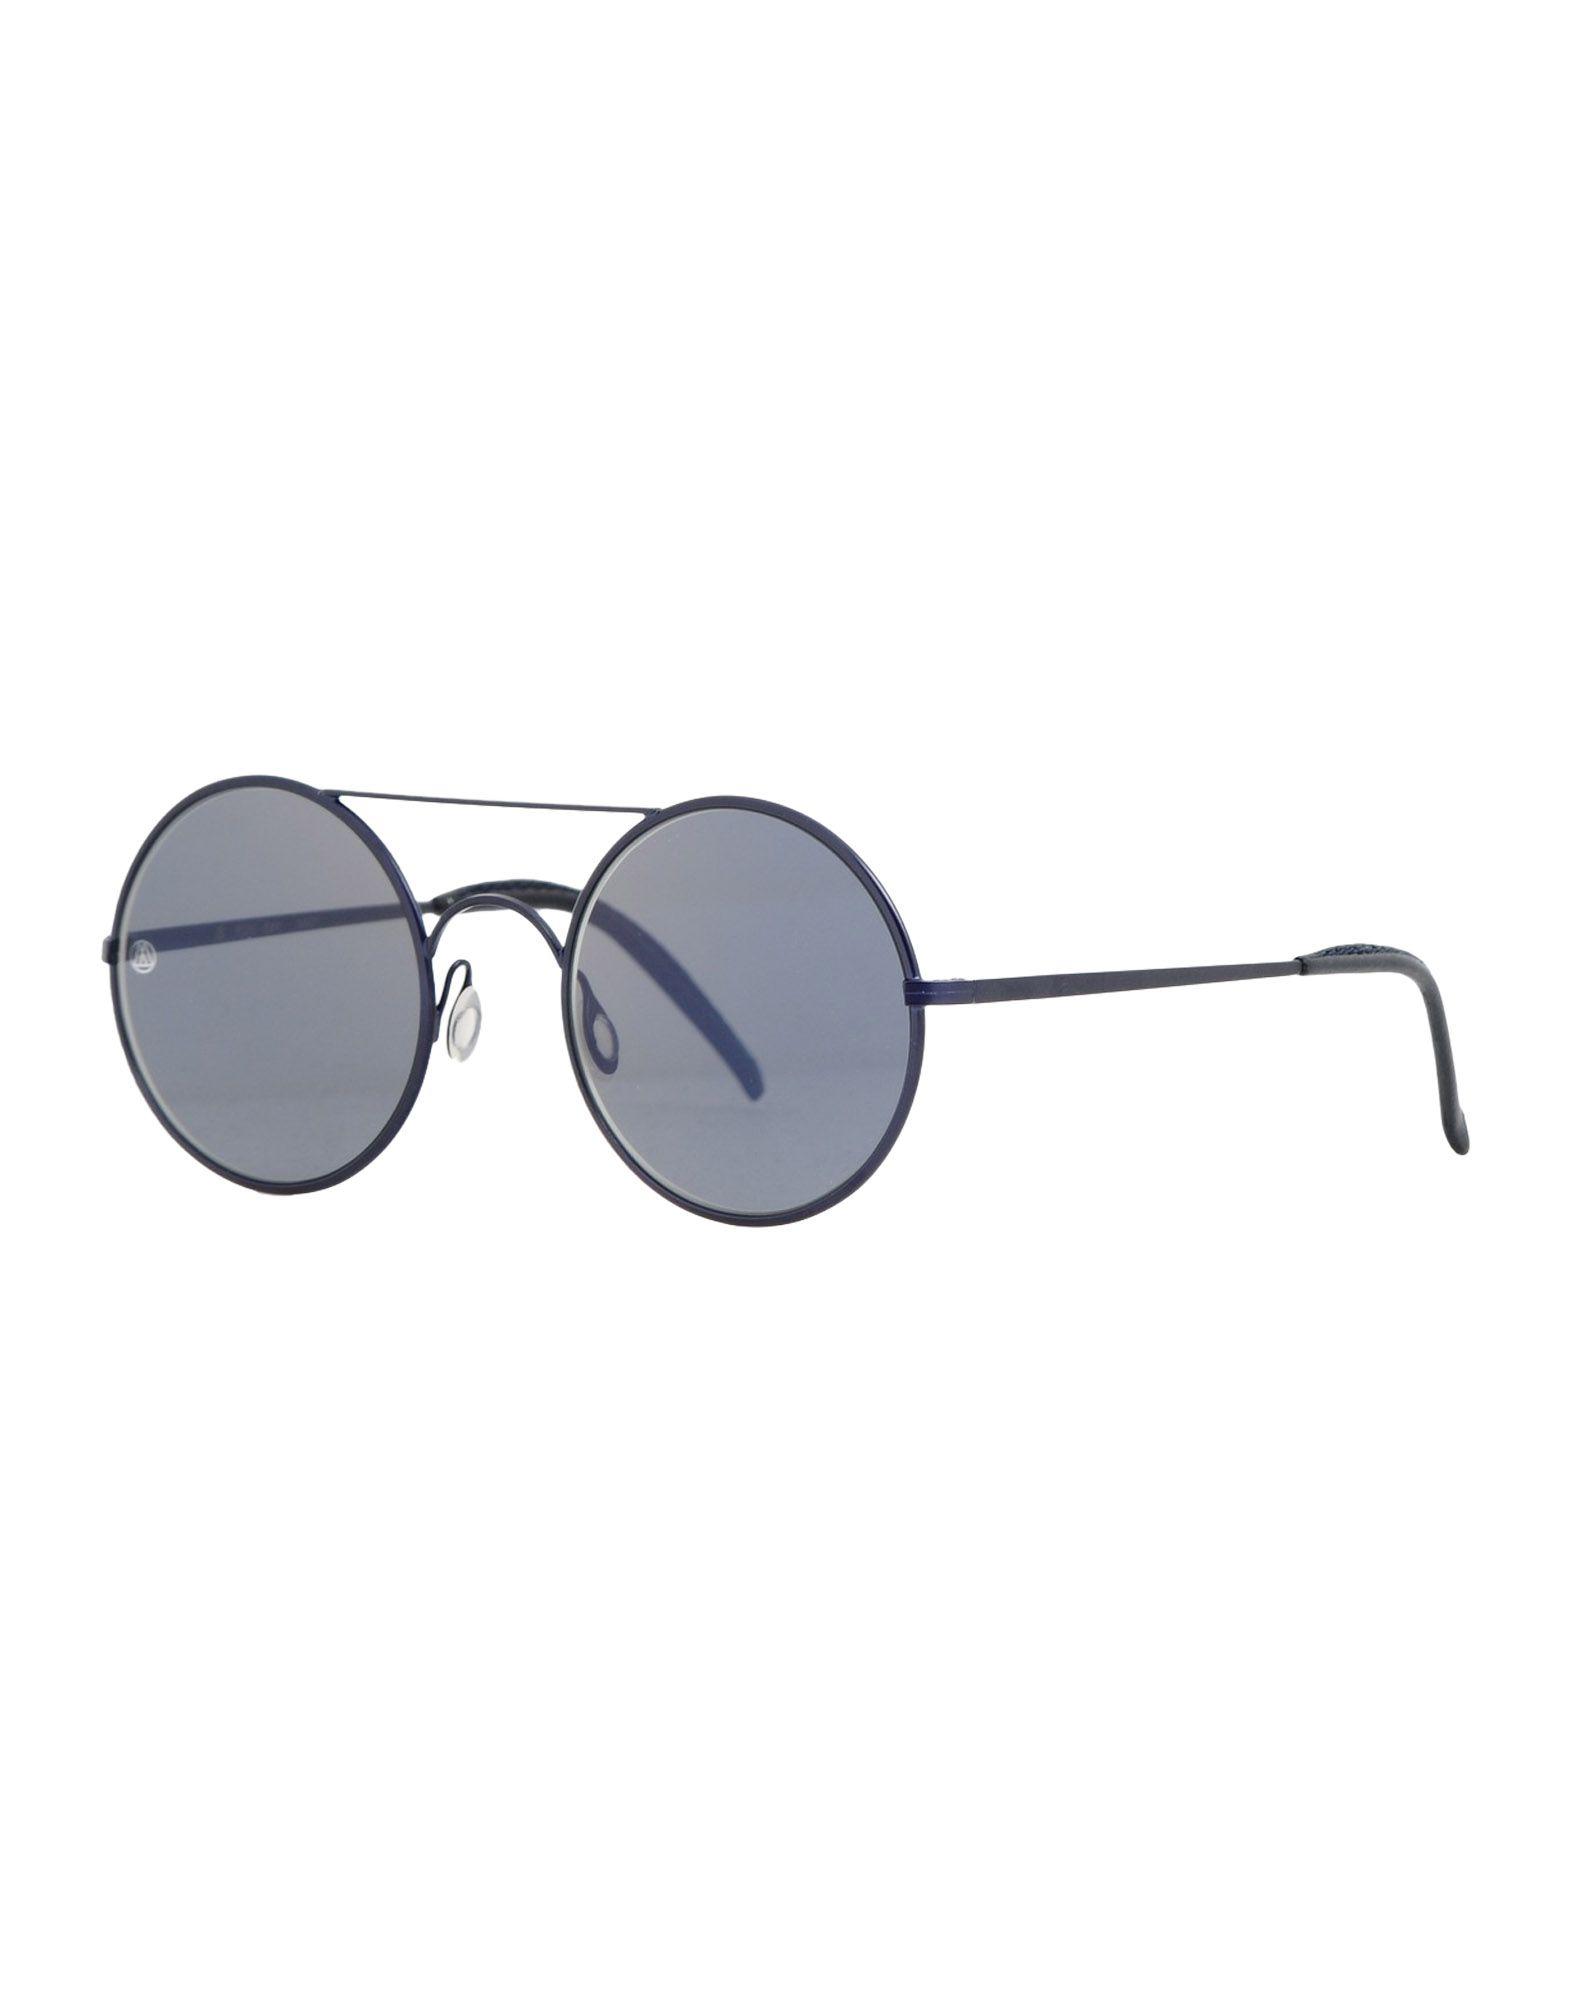 8000 Солнечные очки